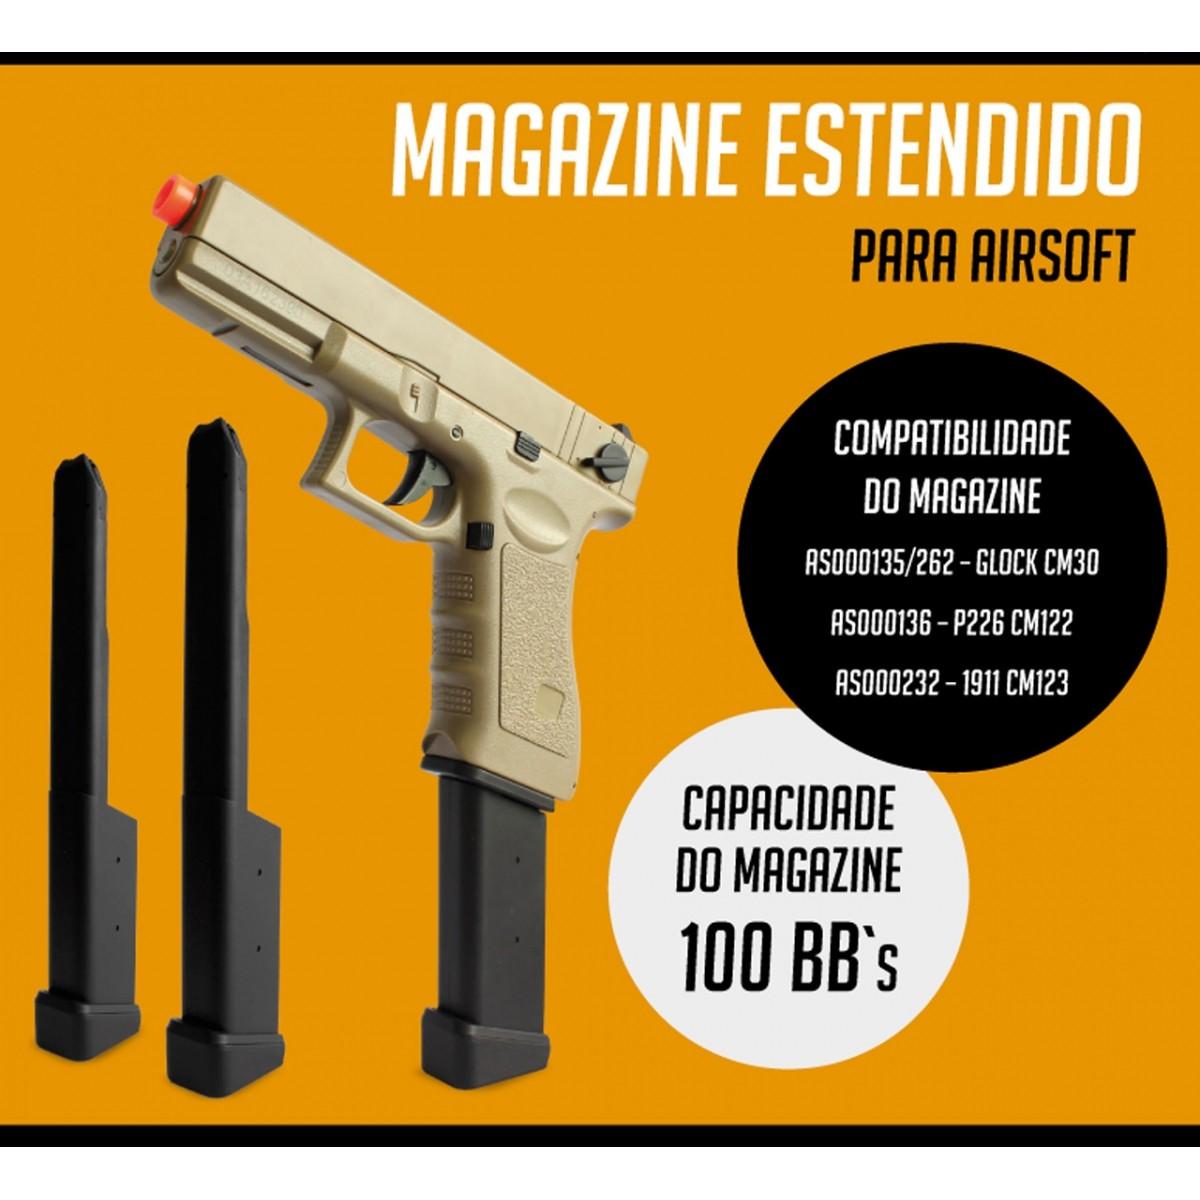 Magazine Estendido Cyma para Airsoft